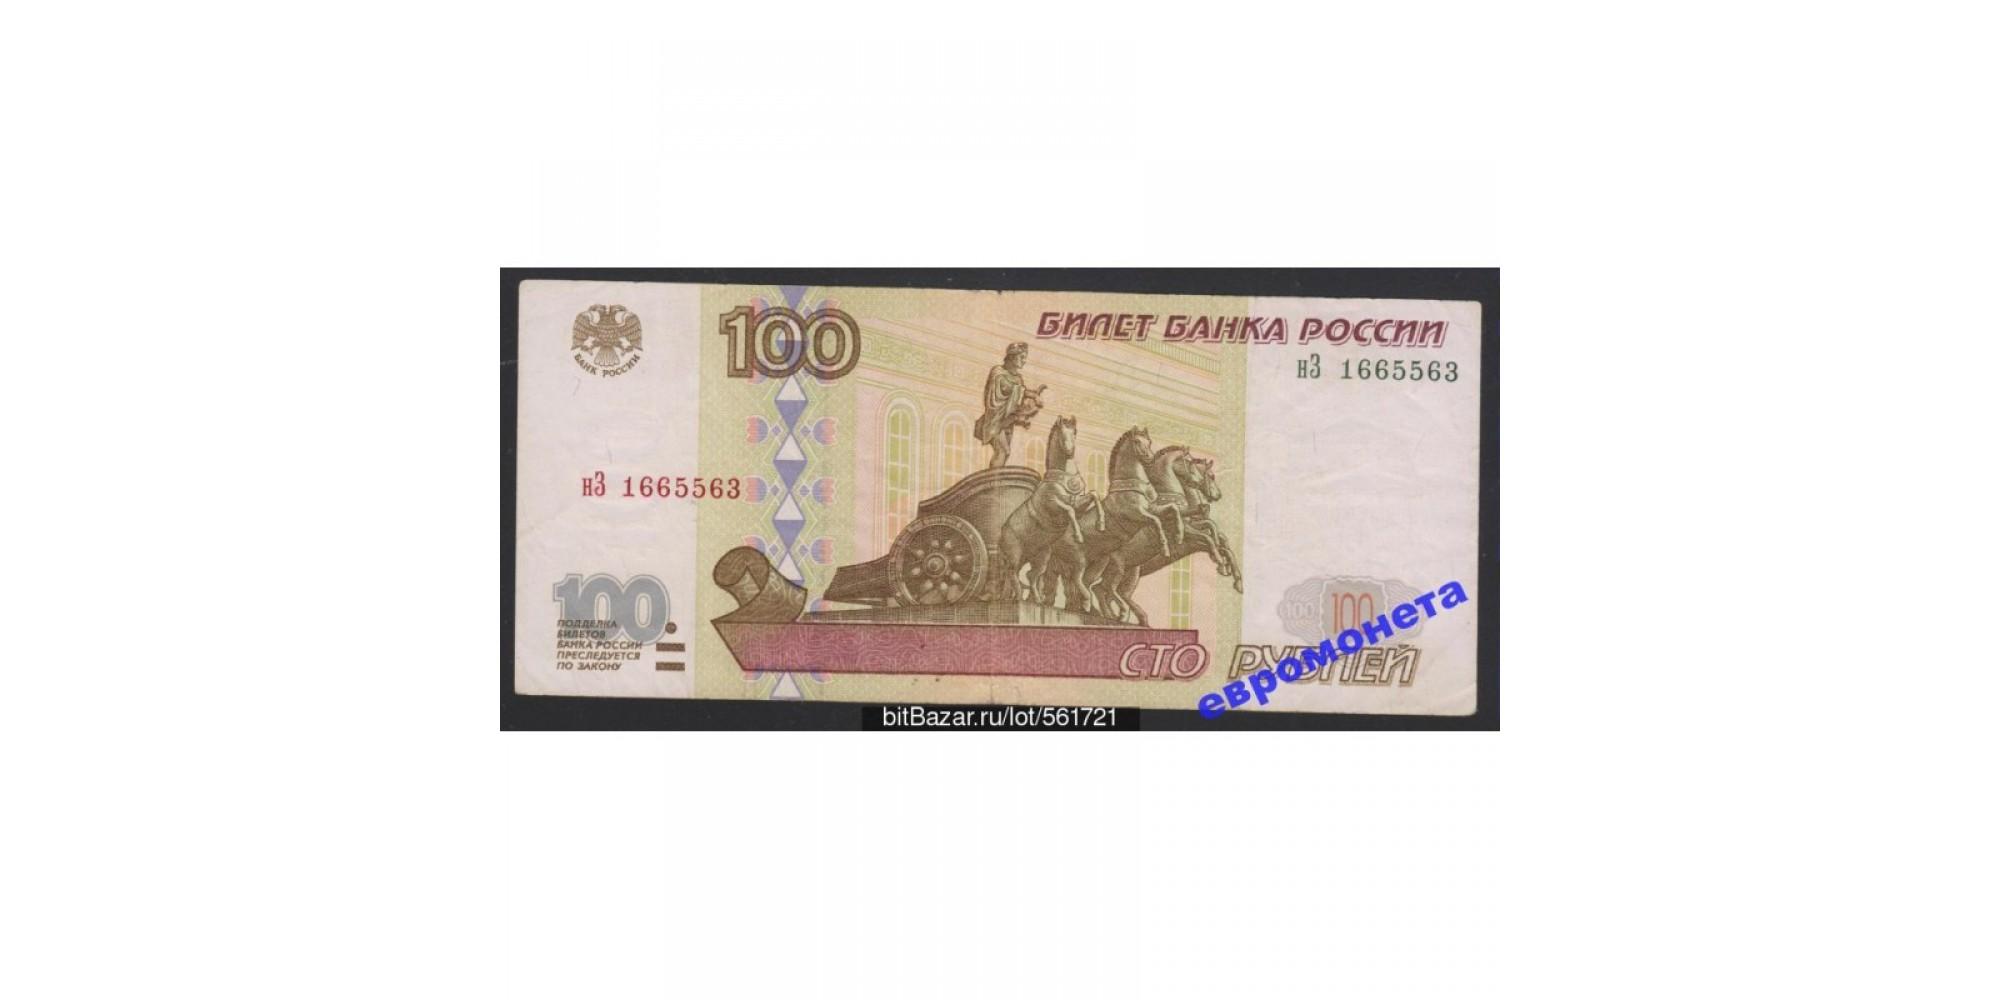 Россия 100 рублей 1997 год без модификации серия нЗ 1665563